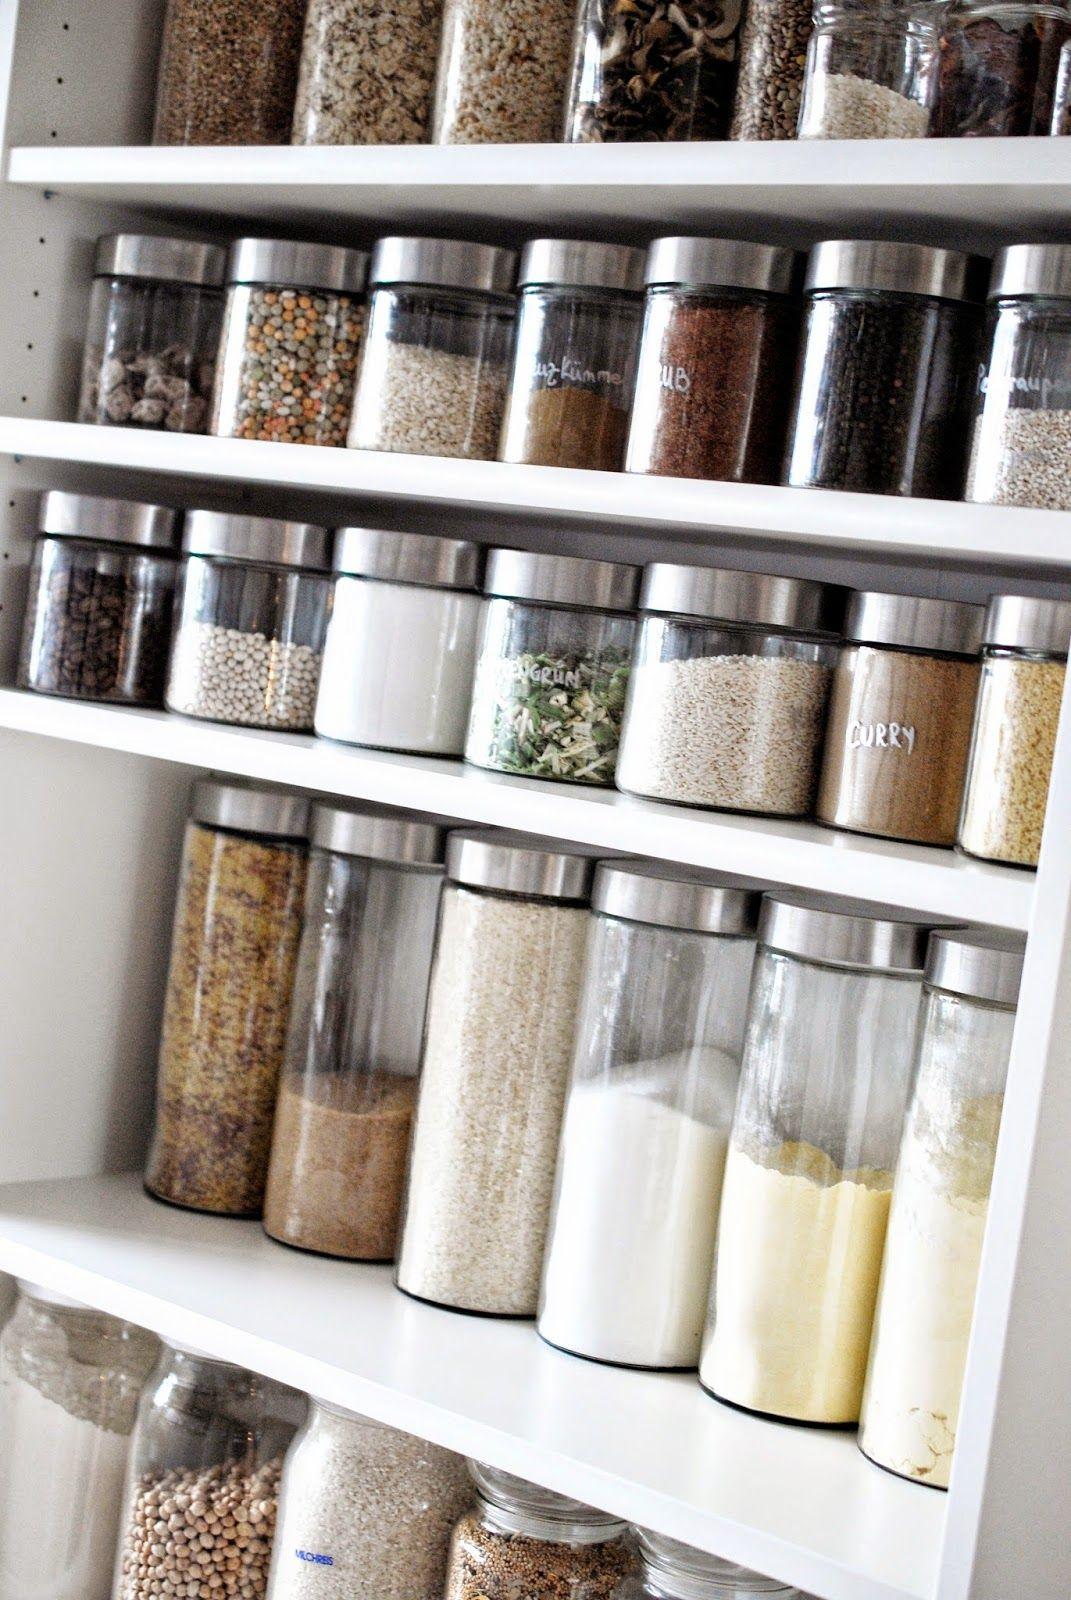 Full Size of Küchen Aufbewahrungsbehälter Vorratsschrank Organisieren Speisekammer Regal Küche Wohnzimmer Küchen Aufbewahrungsbehälter